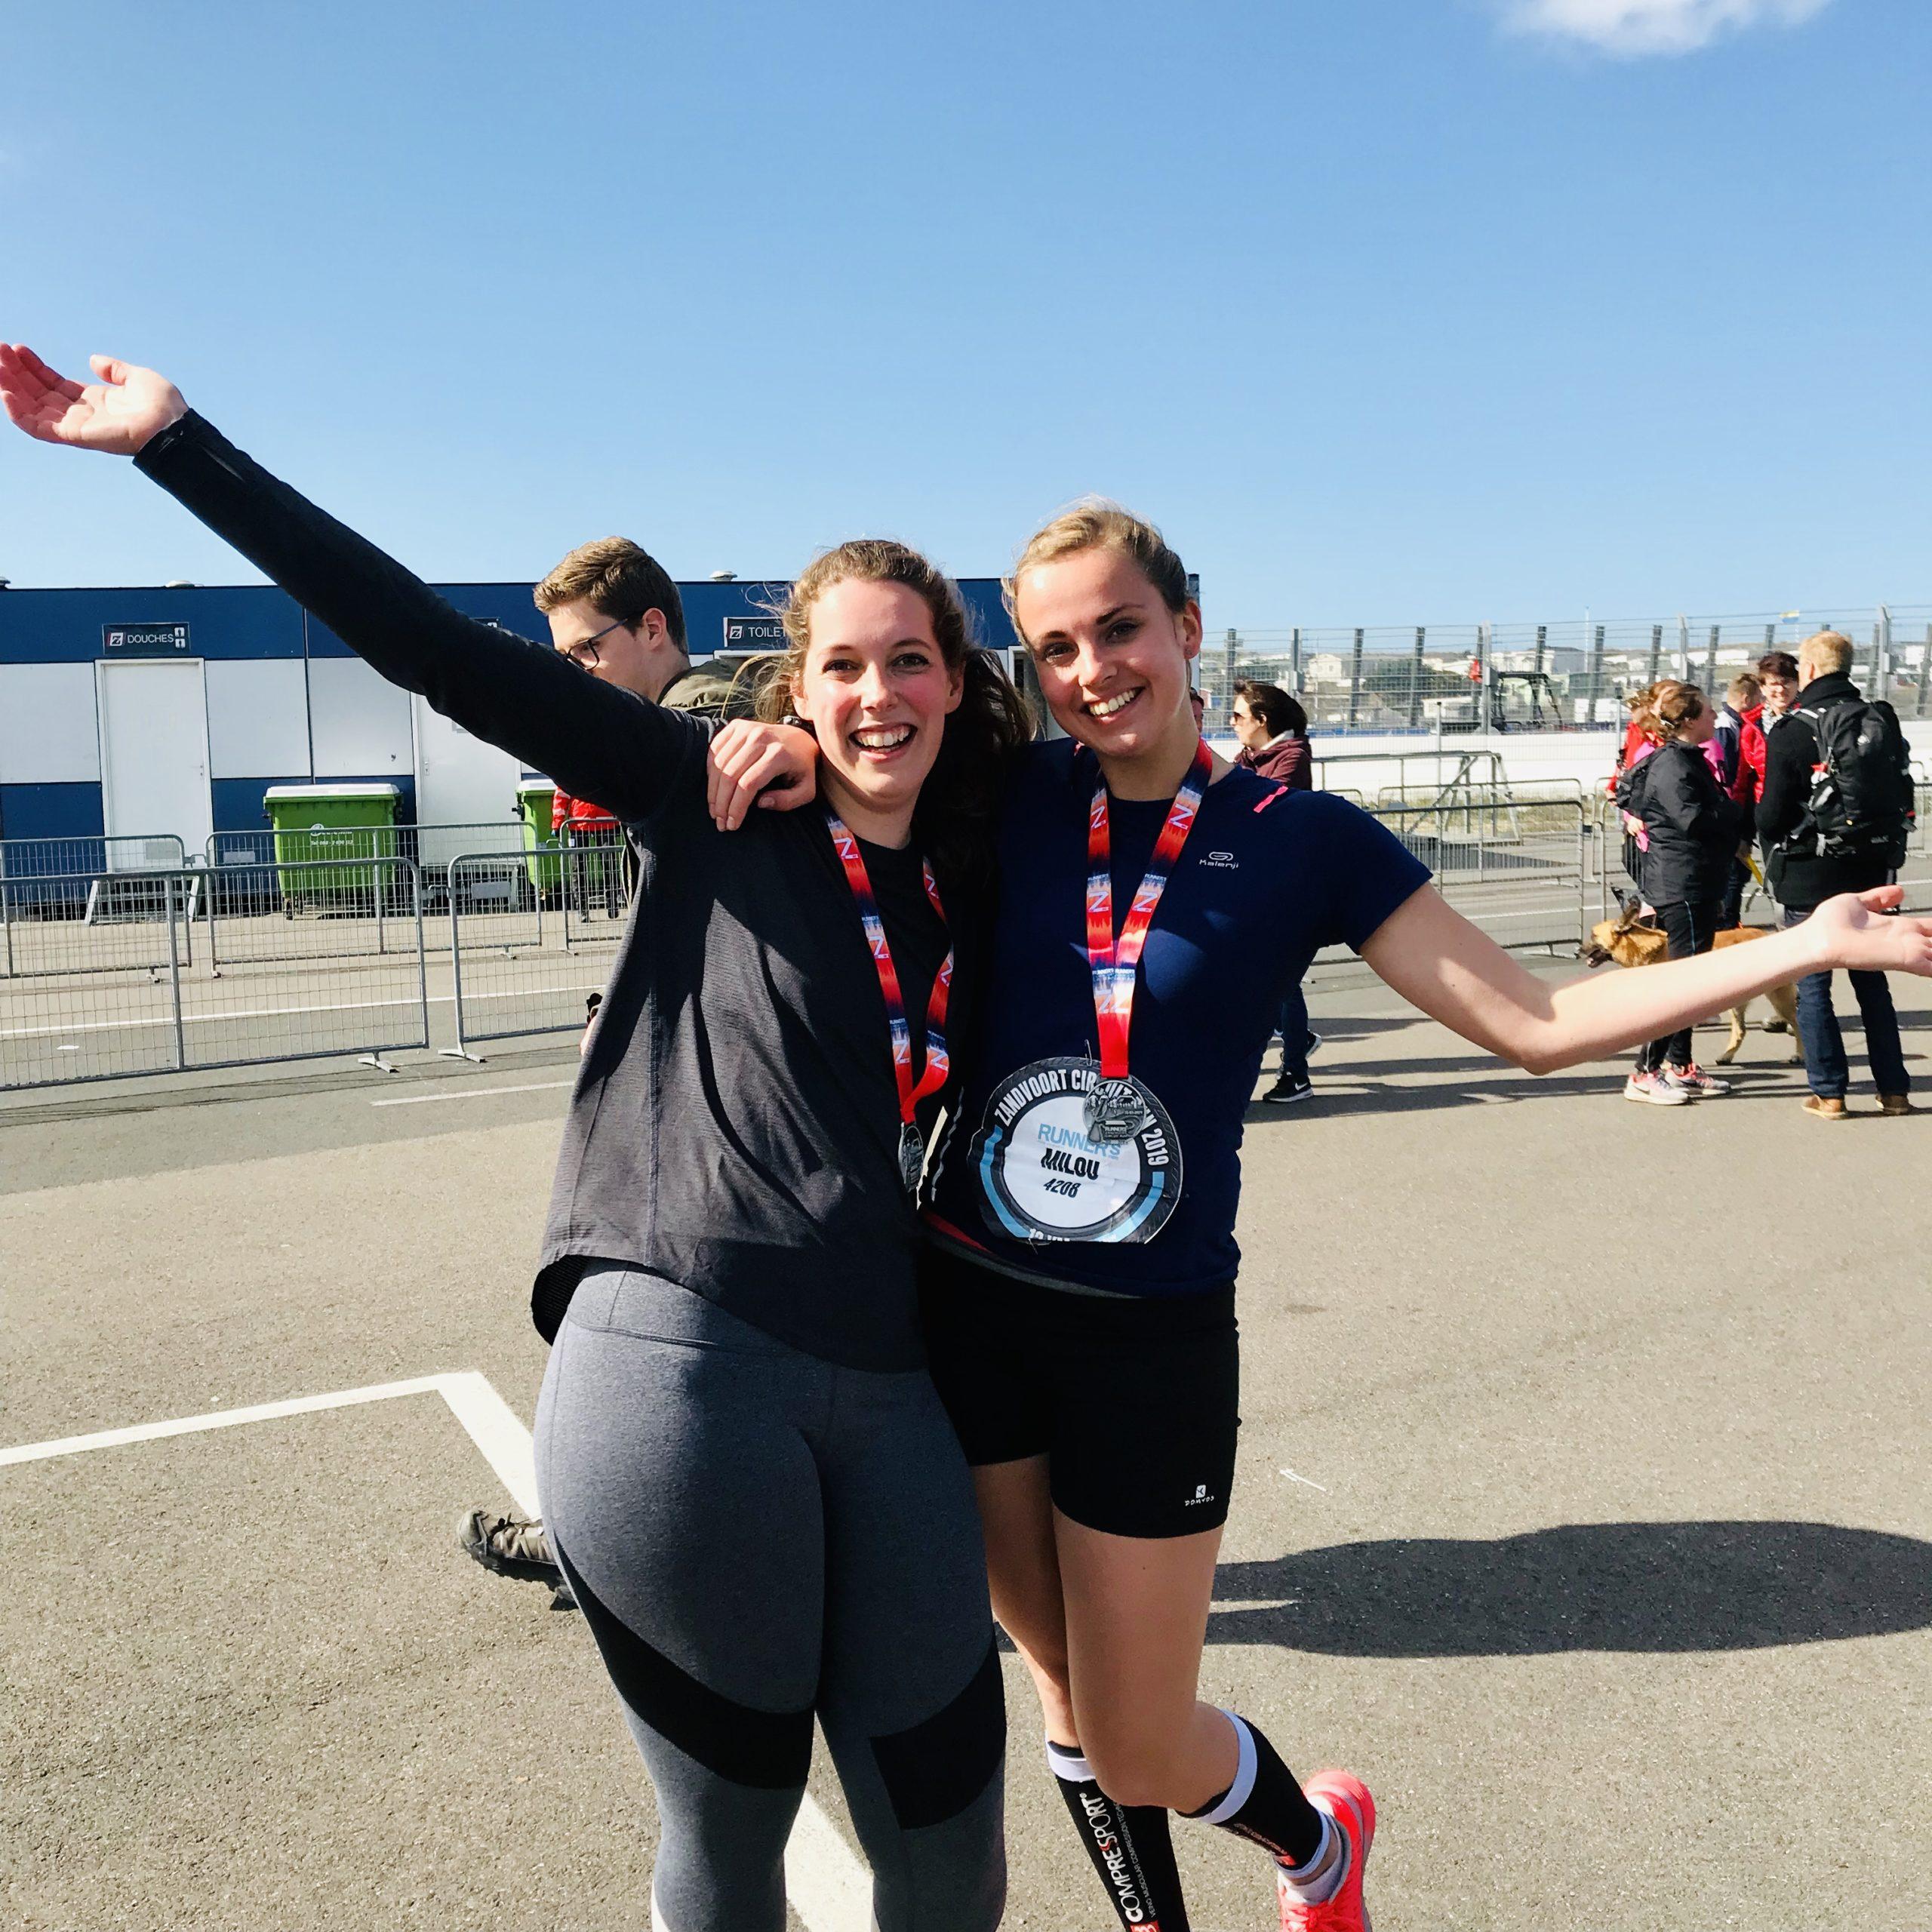 Hardlopen - Zandvoort Circuit Run